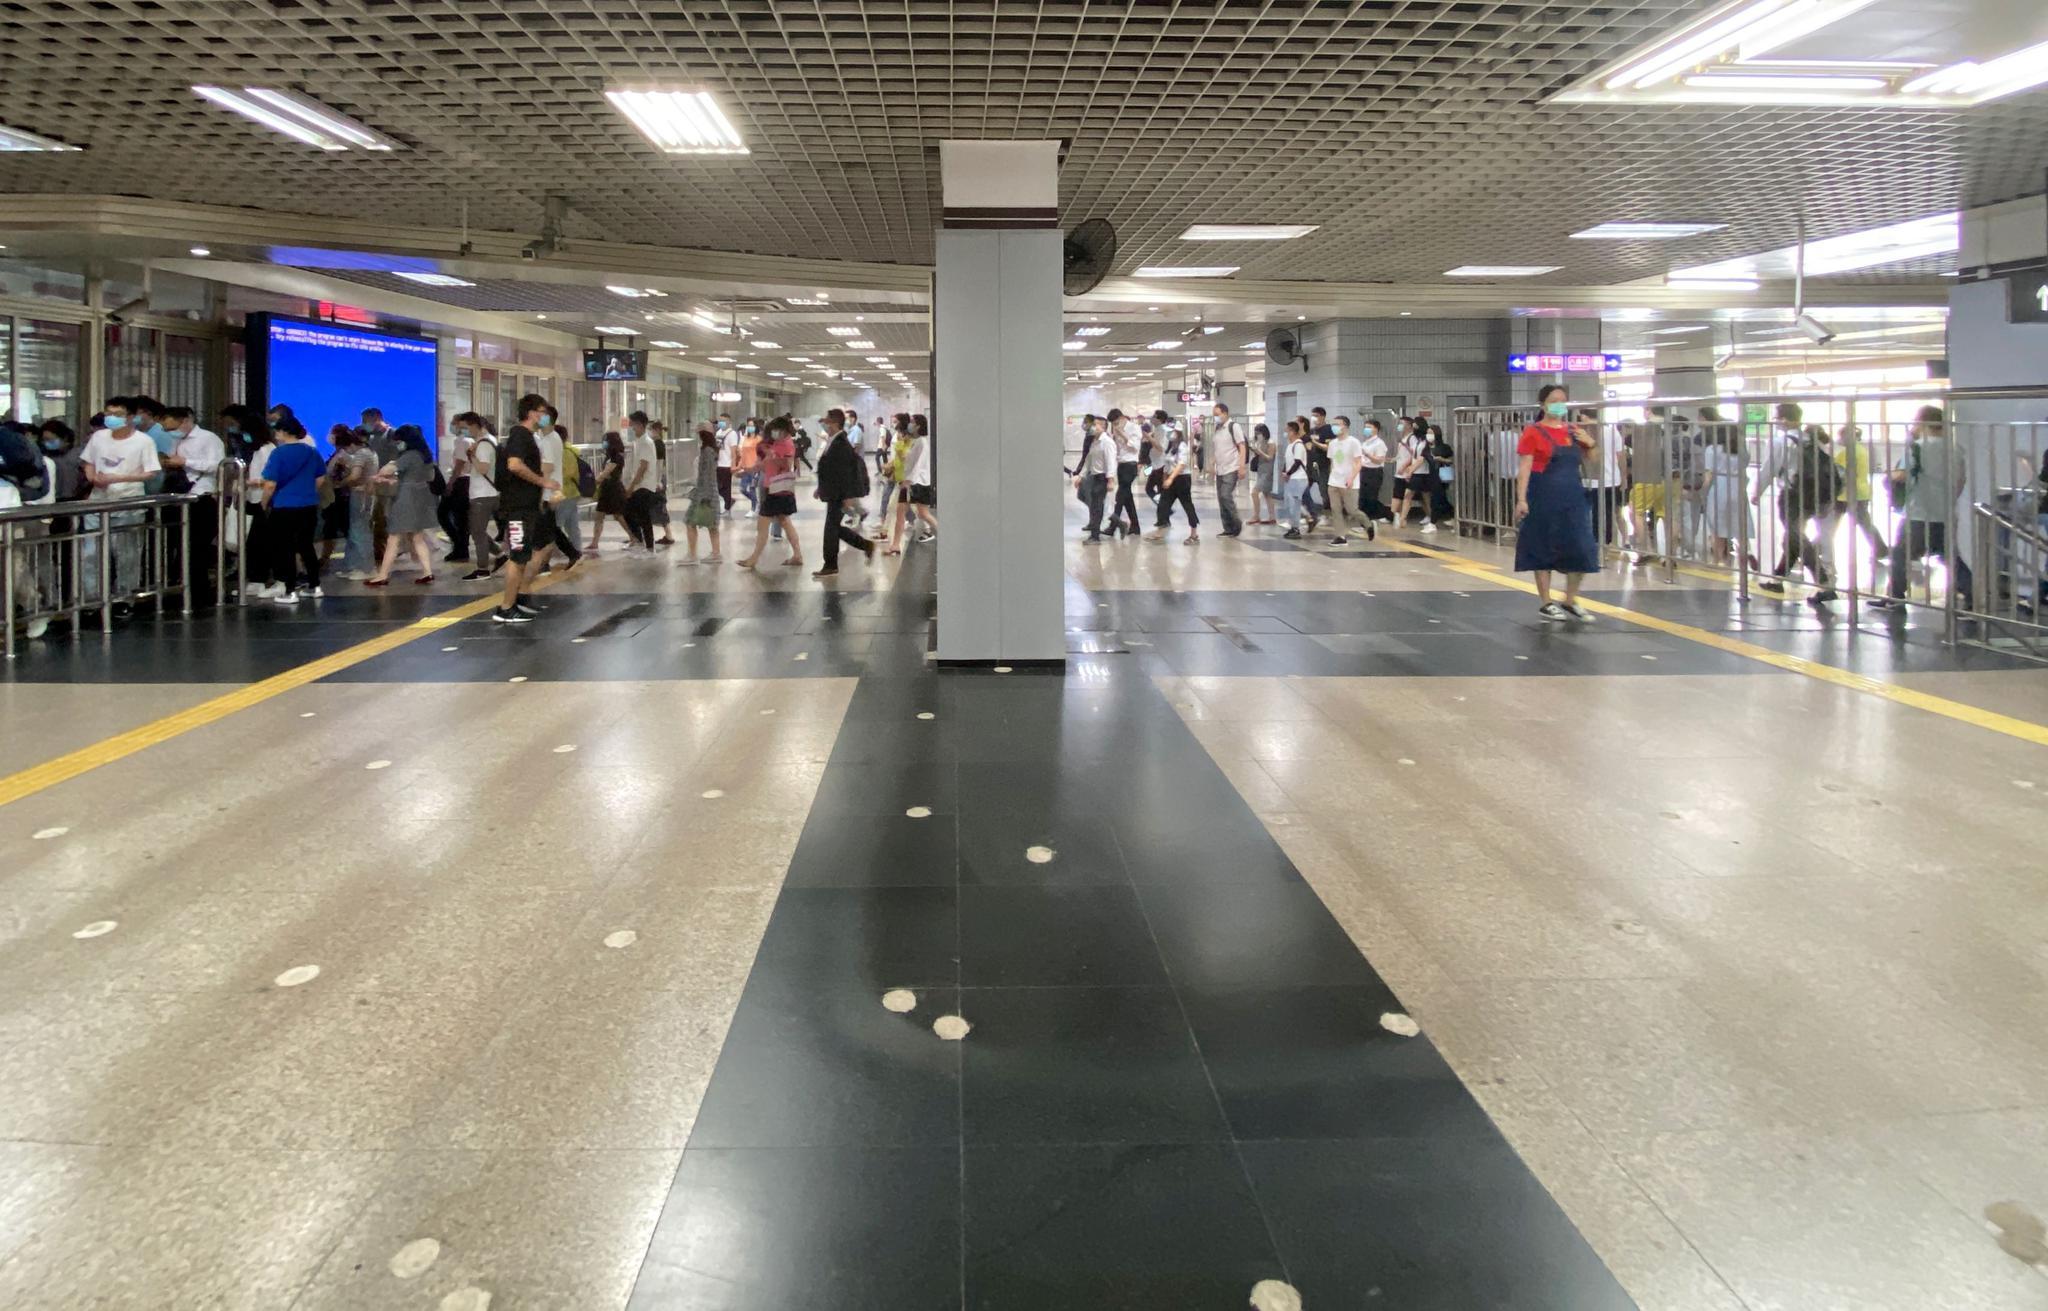 乘客不用再绕路 北京地铁站正陆续拆除非必要导流围栏